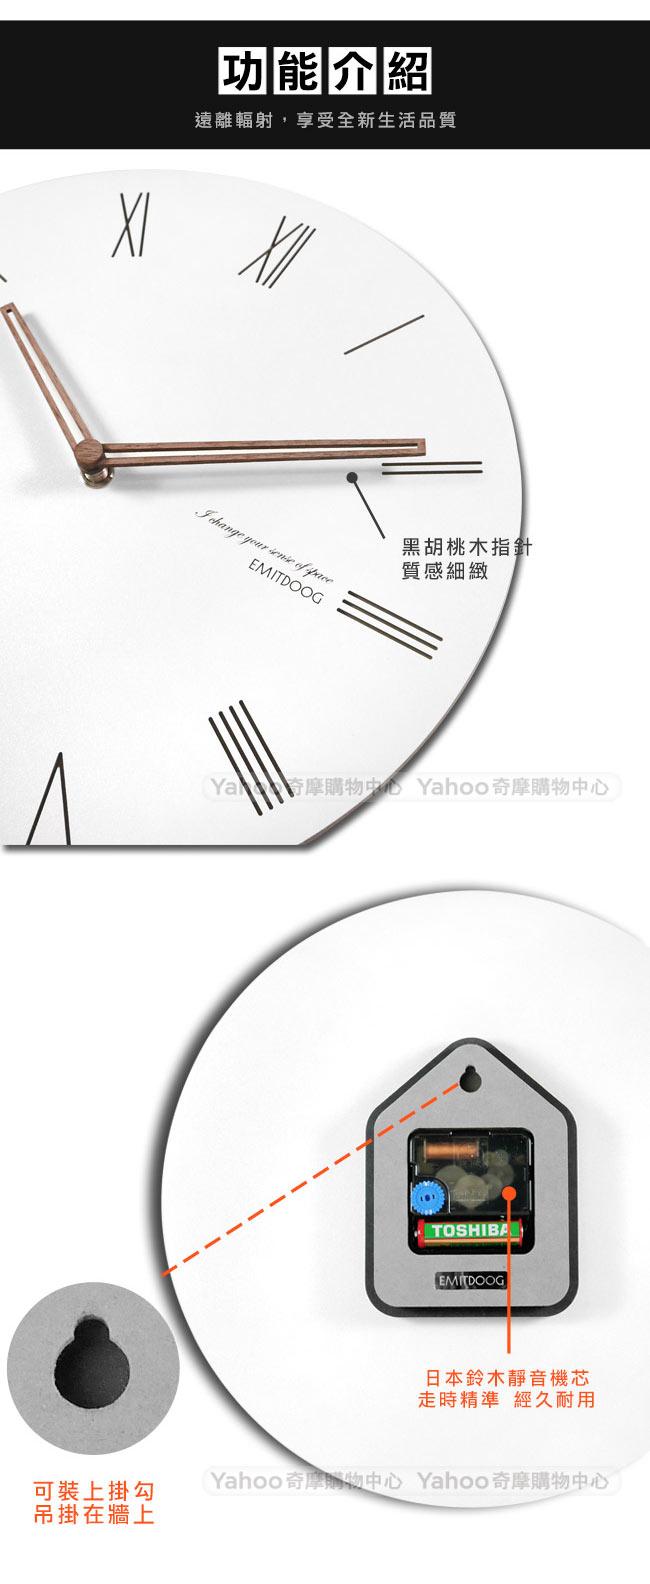 12吋簡約時尚現代居家輕薄簡約羅馬時標餐廳客廳臥室靜音圓掛鐘 - 白色